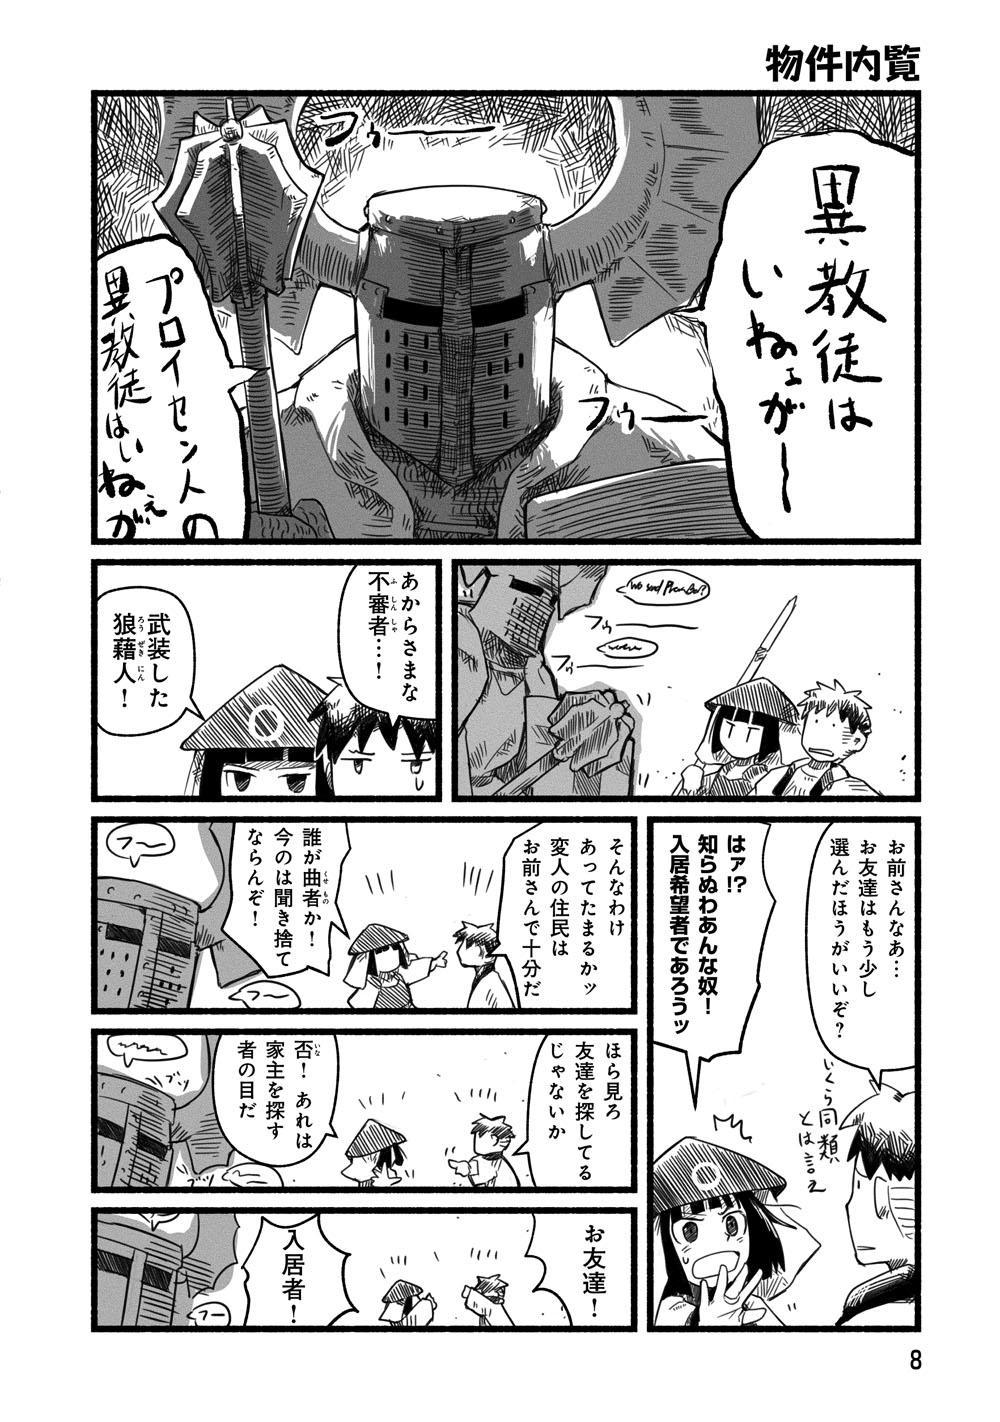 雑兵物語上_008.jpg